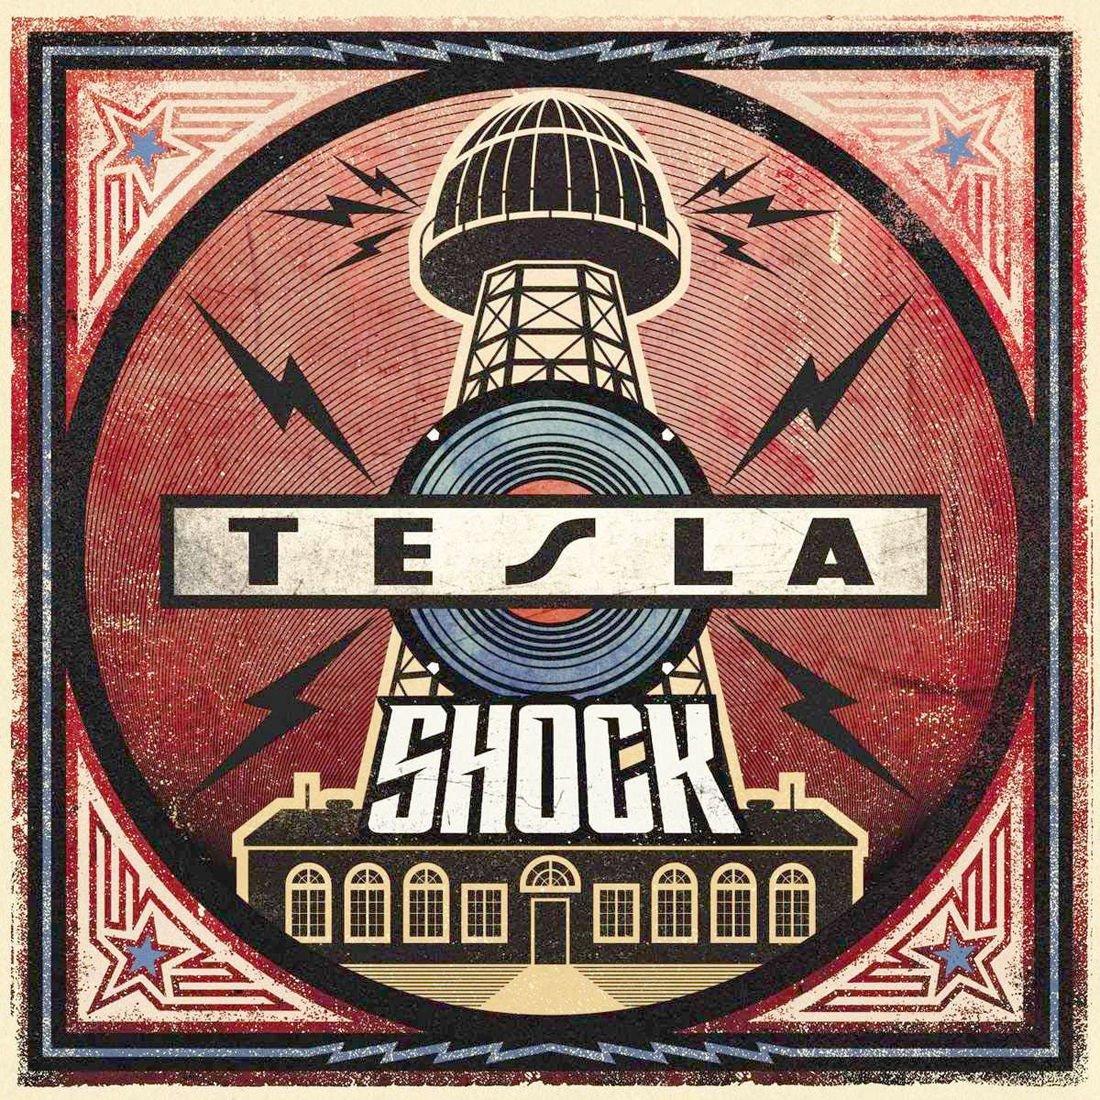 Music review: Tesla - 'Shock'